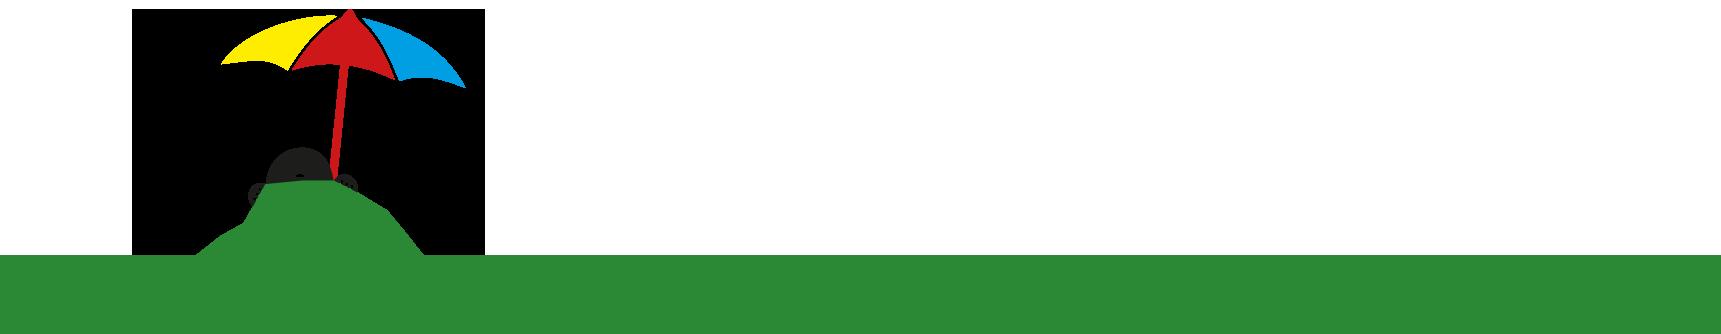 REISEMAULWURF Logo mit Sonnenschirm